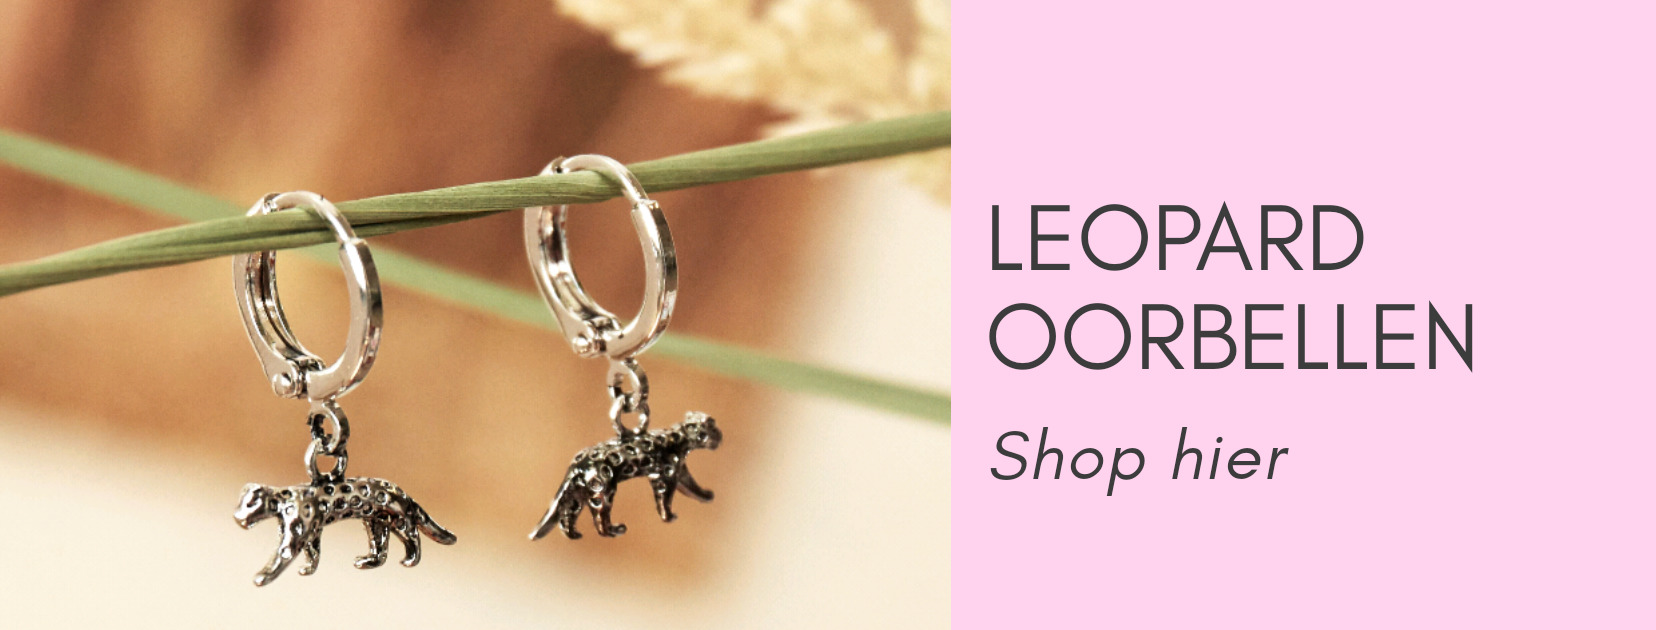 Leopard oorbellen